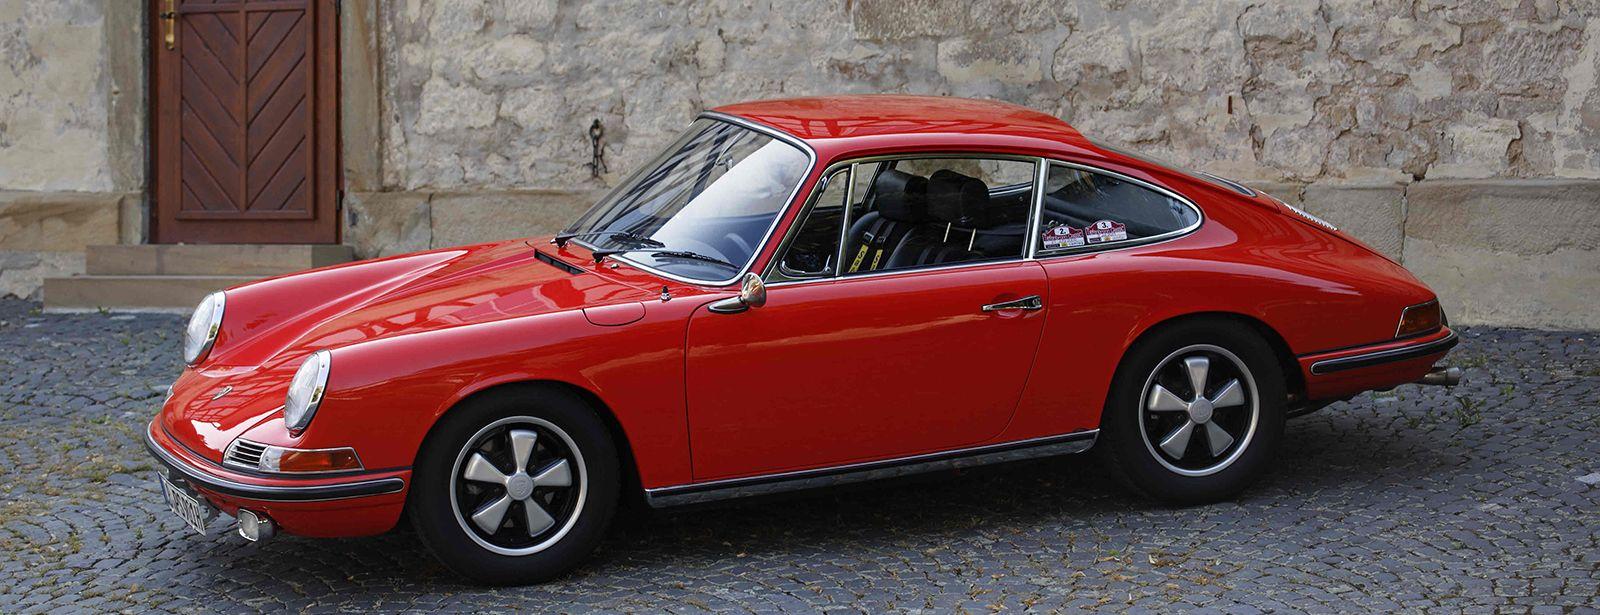 Porsche 911 modelo F 1963-1973